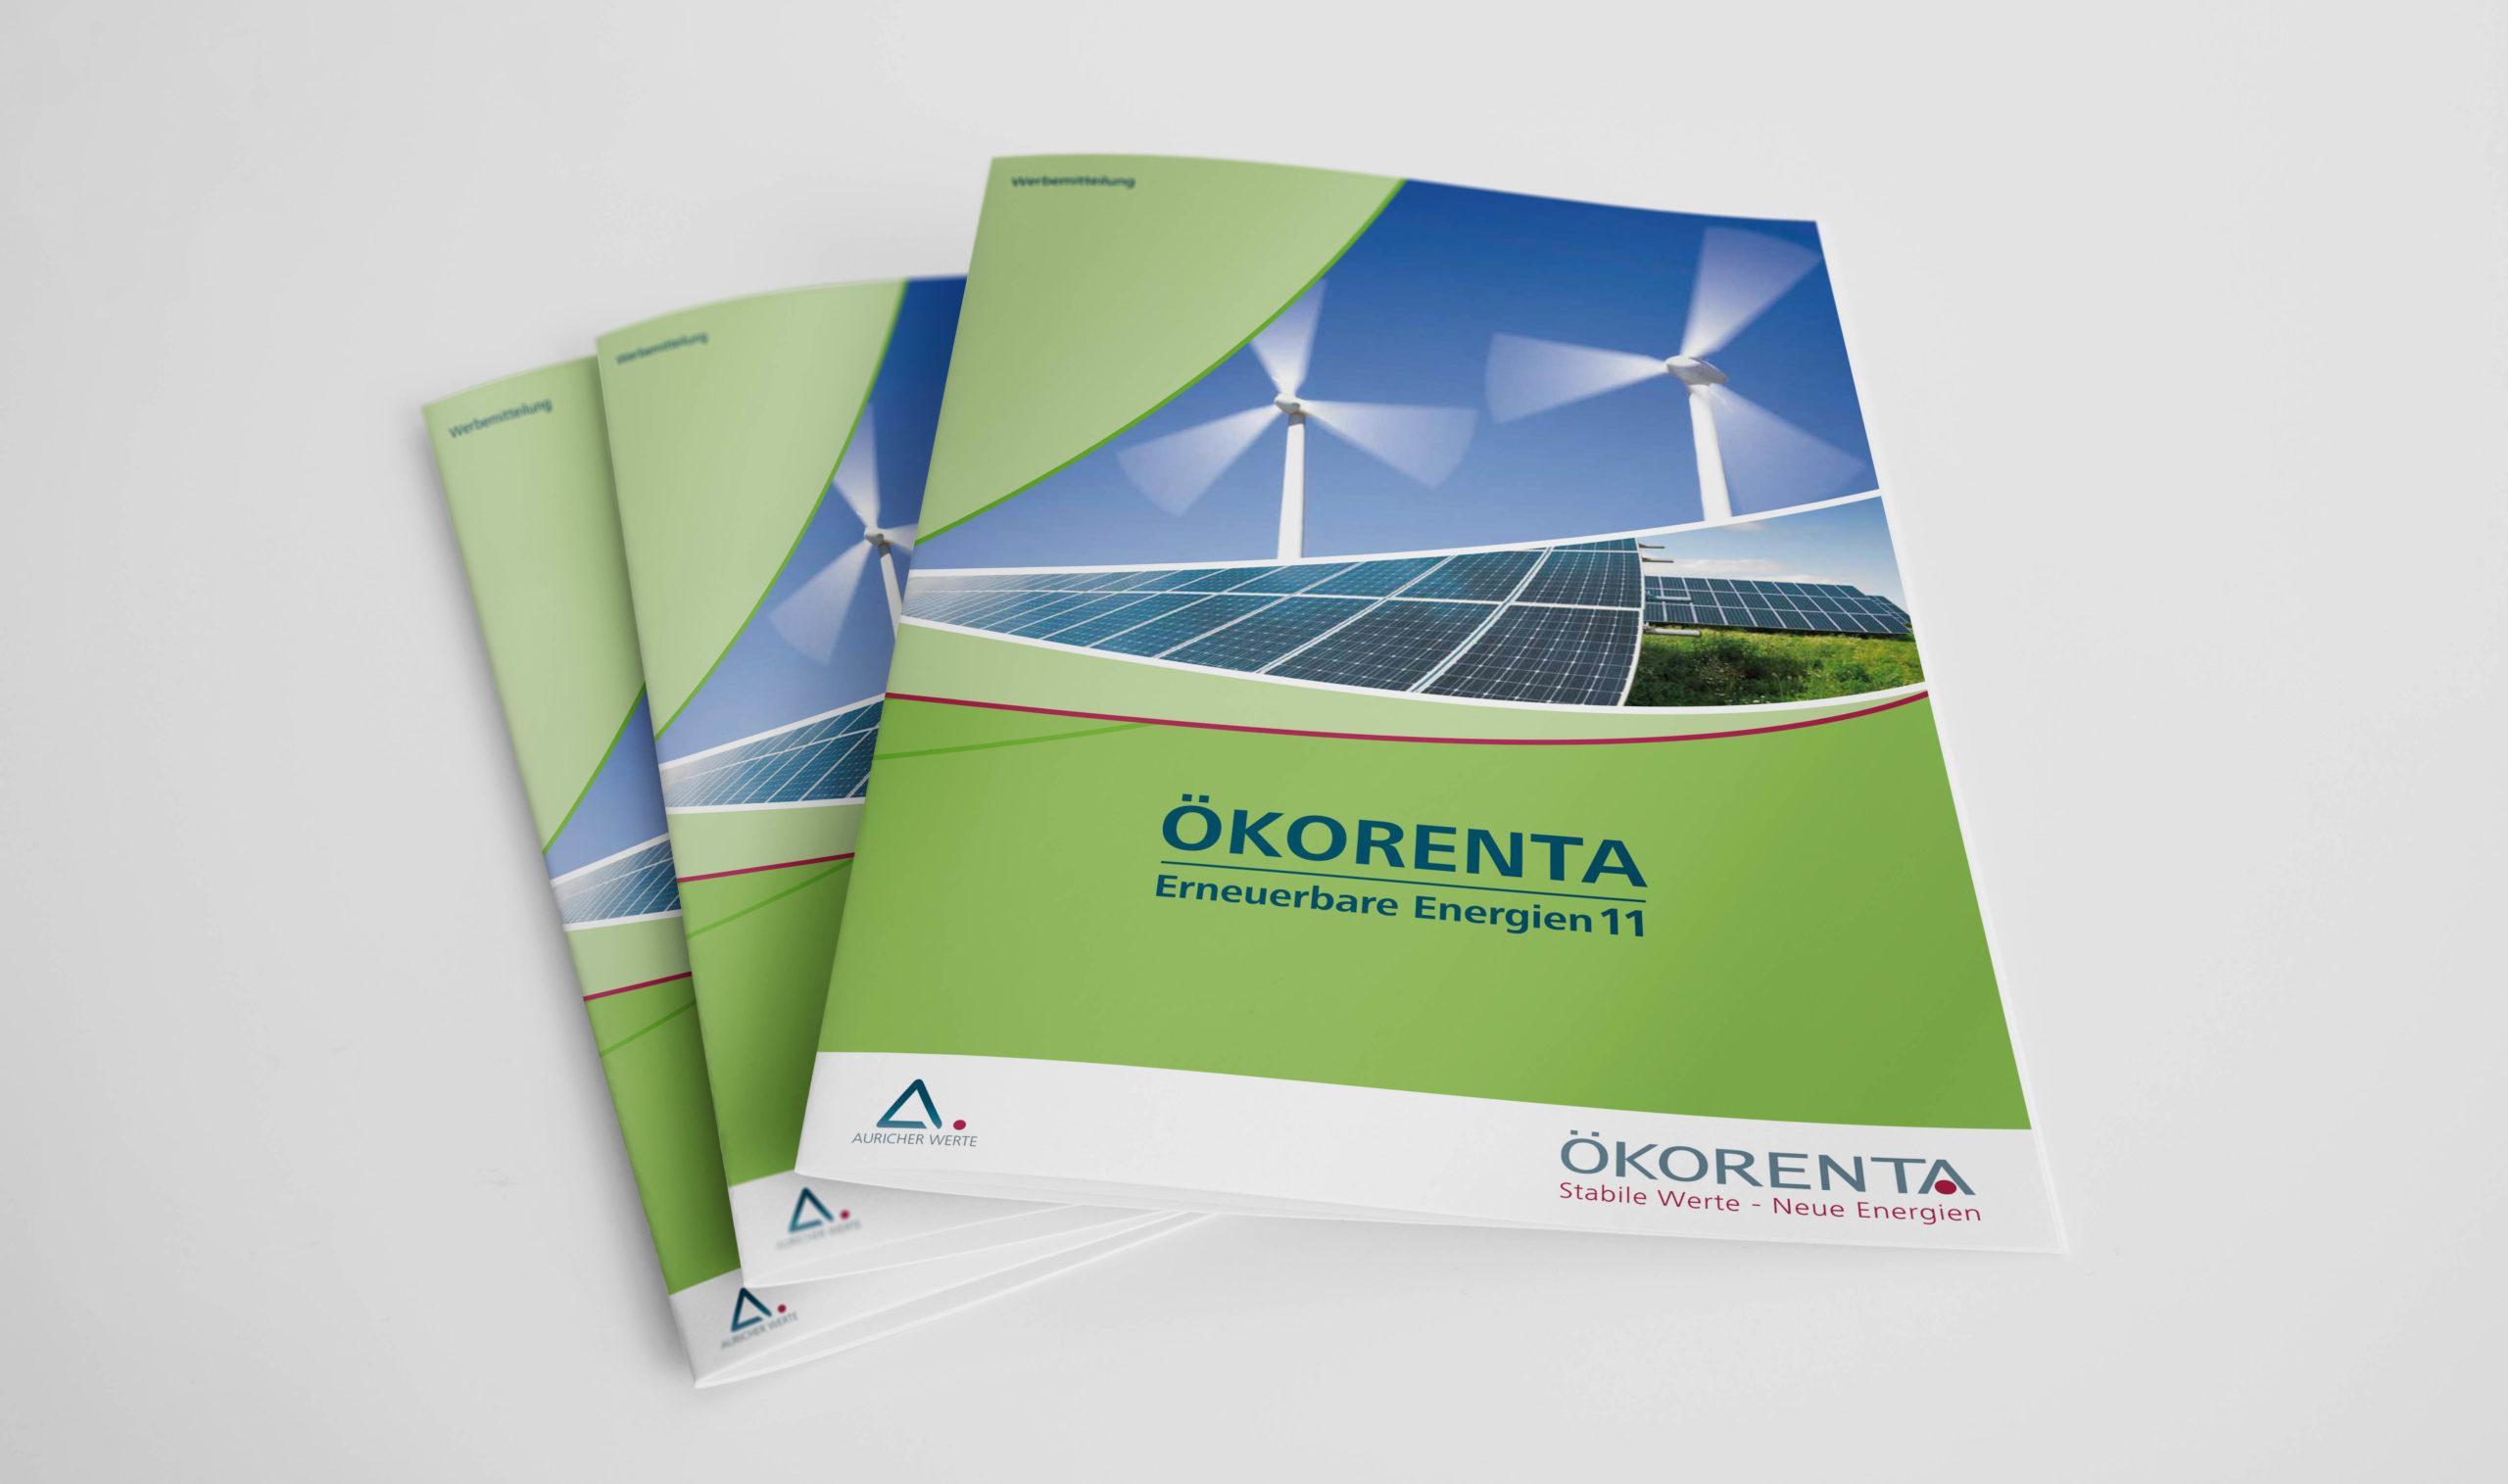 Gute Analyseergebnisse für ÖKORENTA Erneuerbare Energien 11